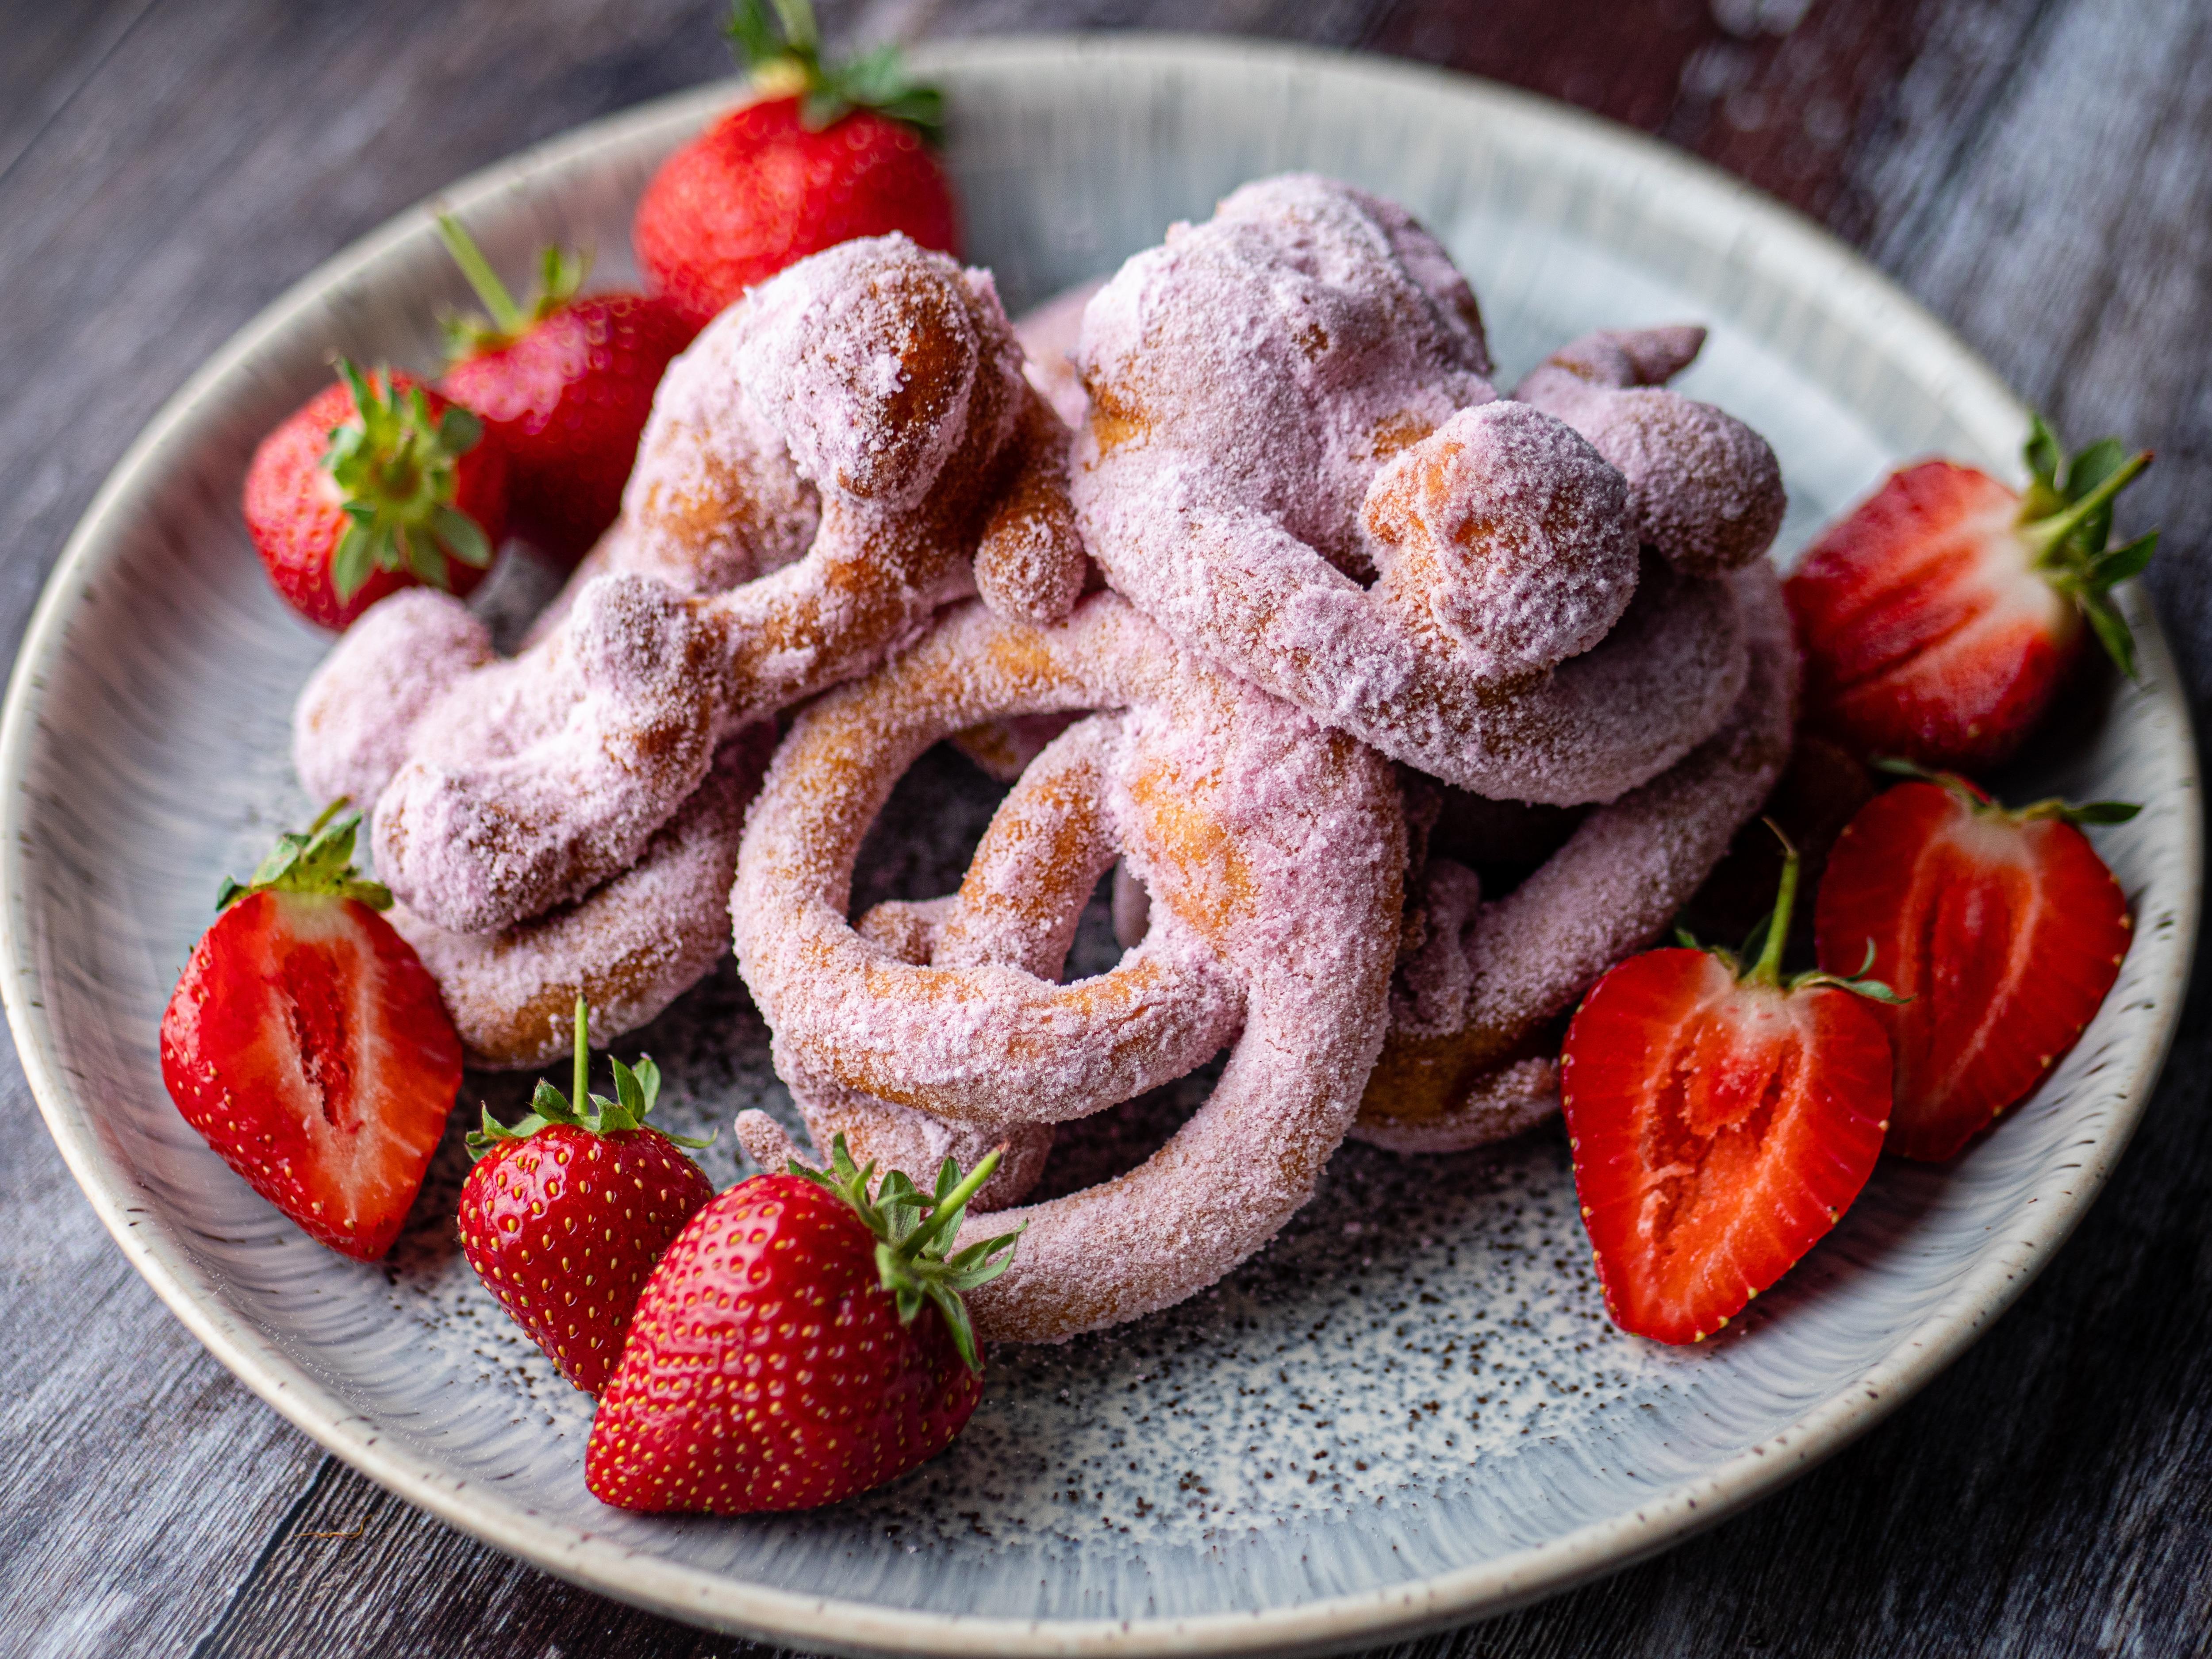 Strawberry Milkshake Funnel Cakes